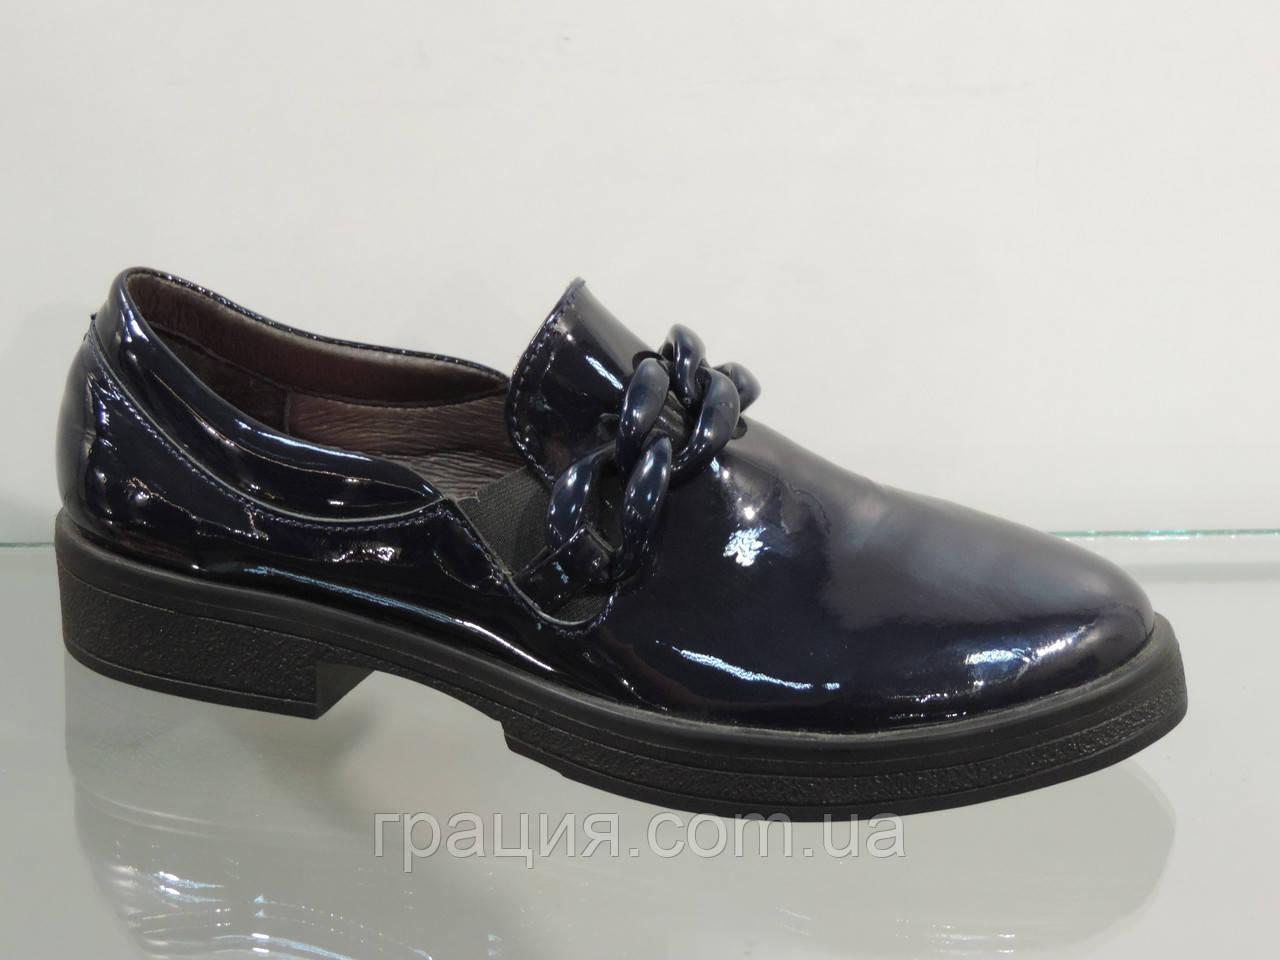 Стильные синие лаковые туфли